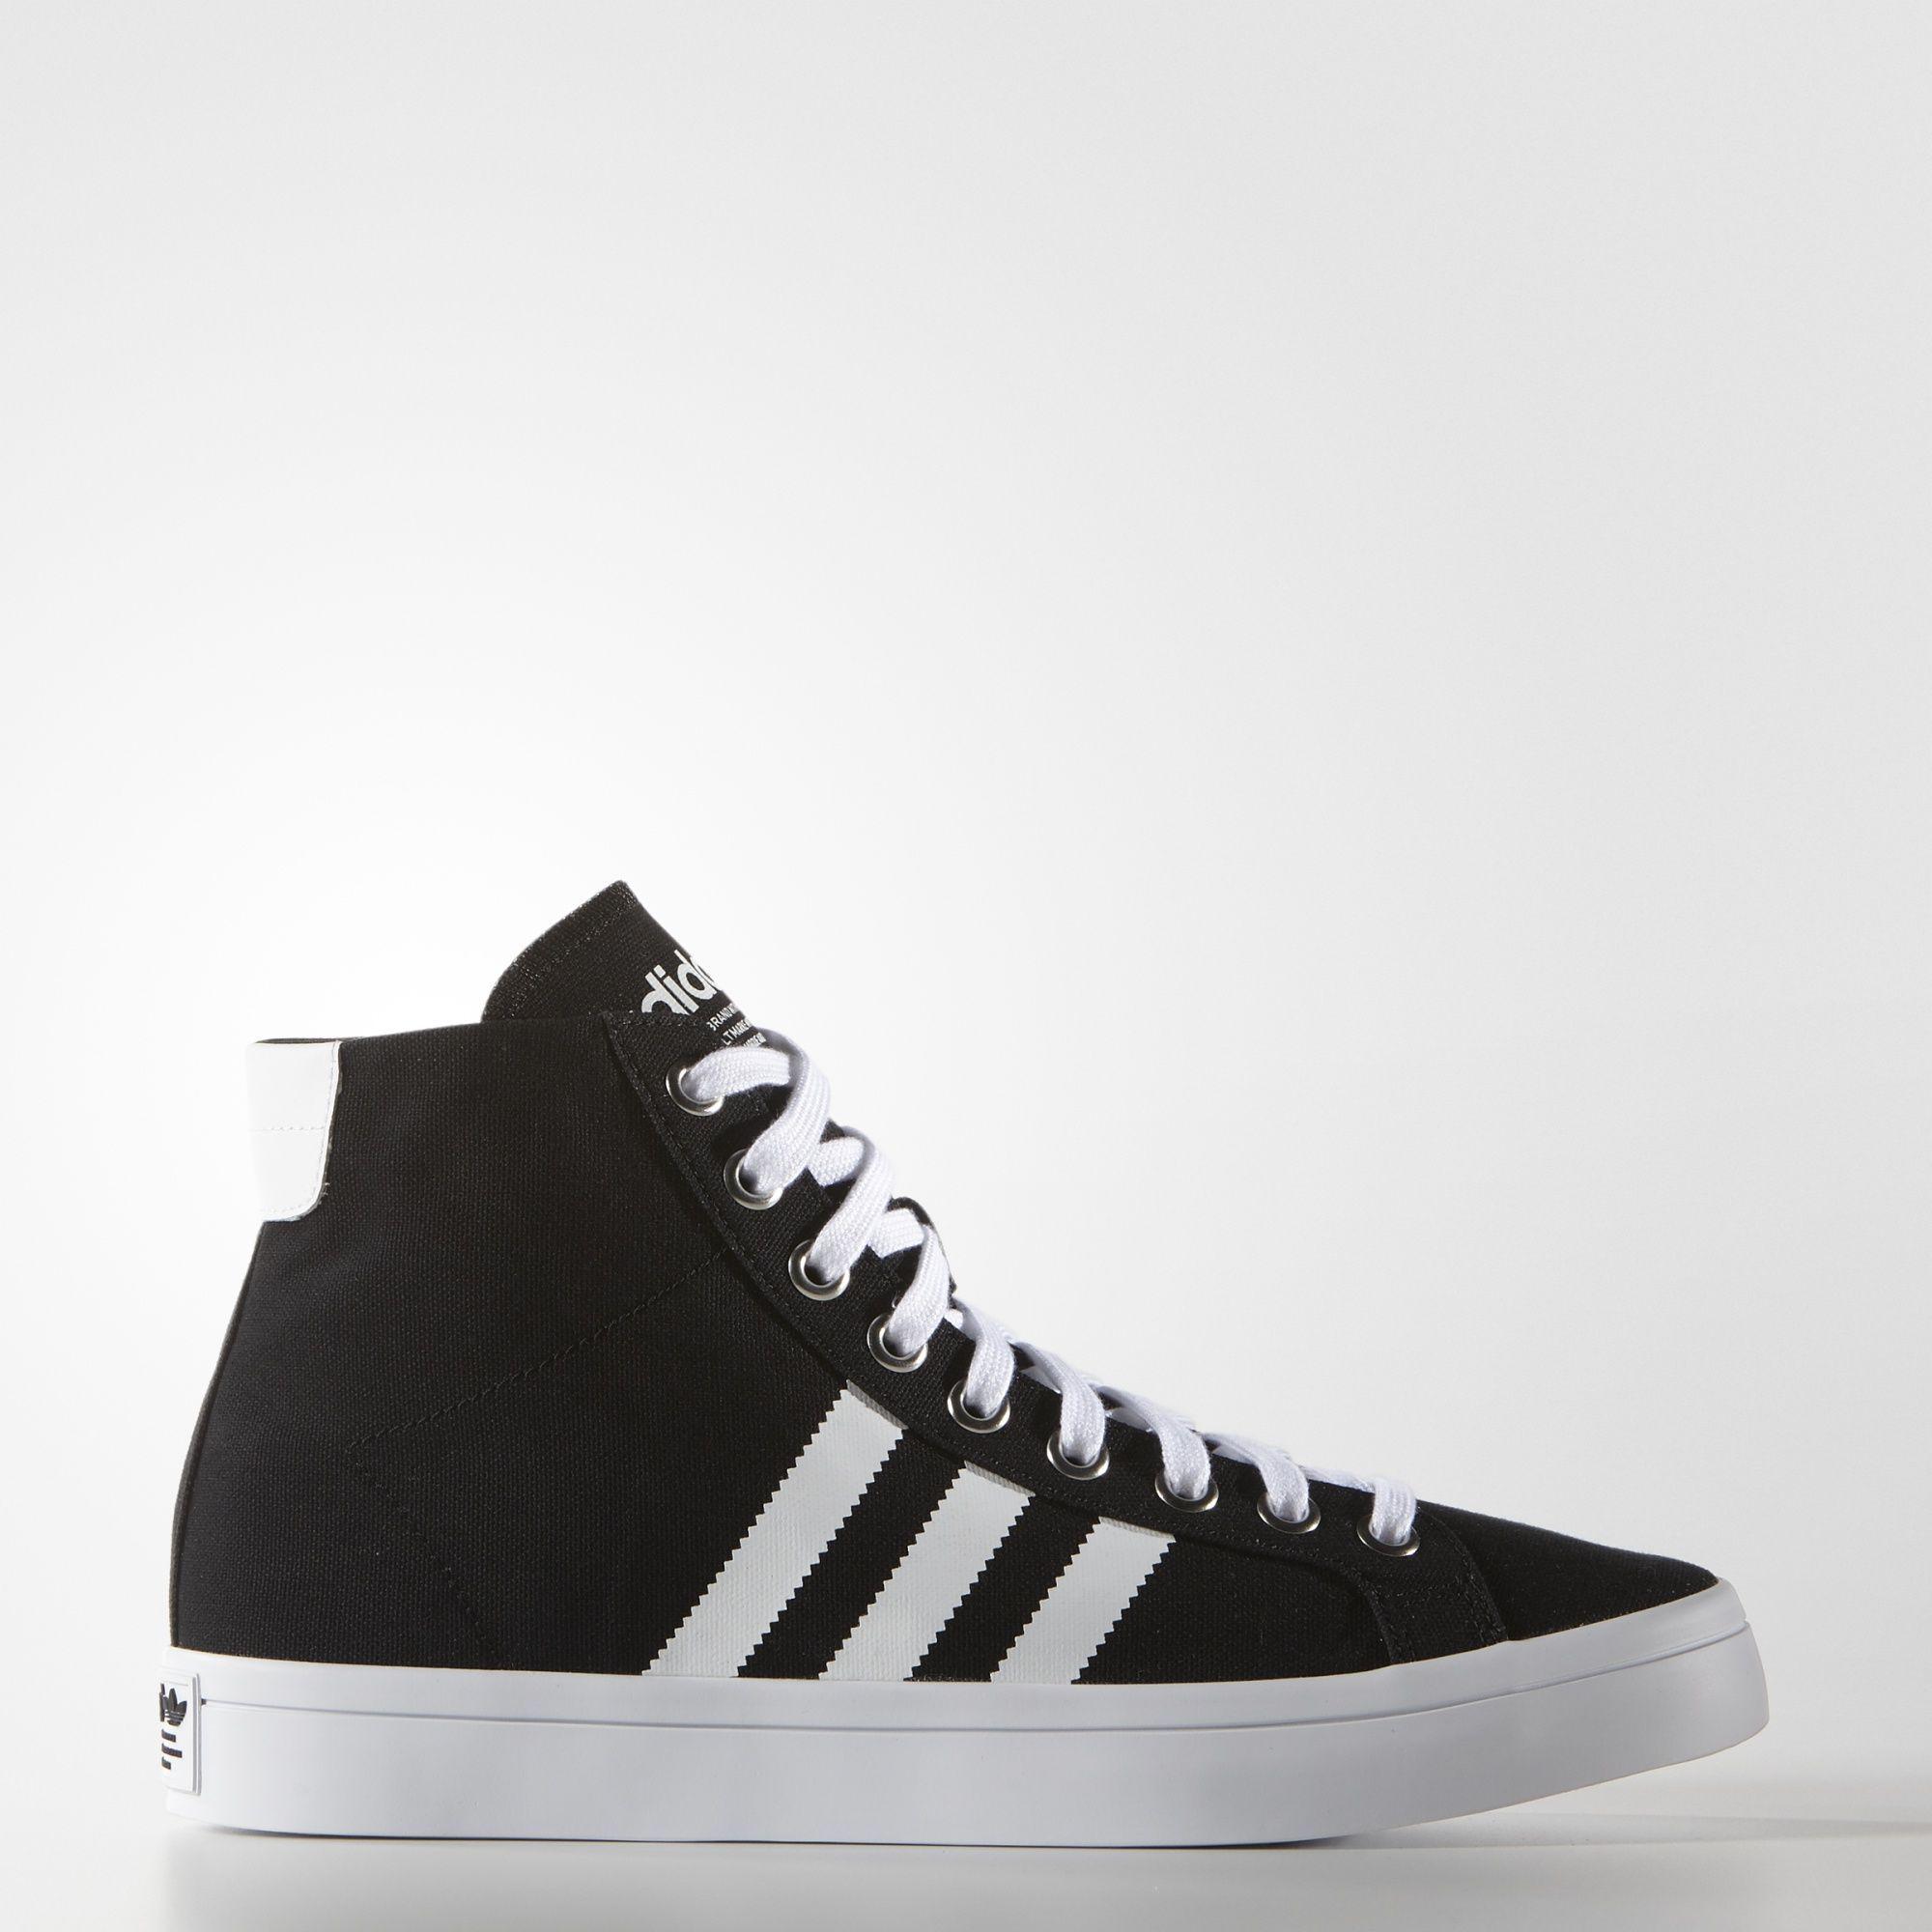 Adidas gazelle, Herren Sneaker Grün grün 43 (9.5 UK): Amazon